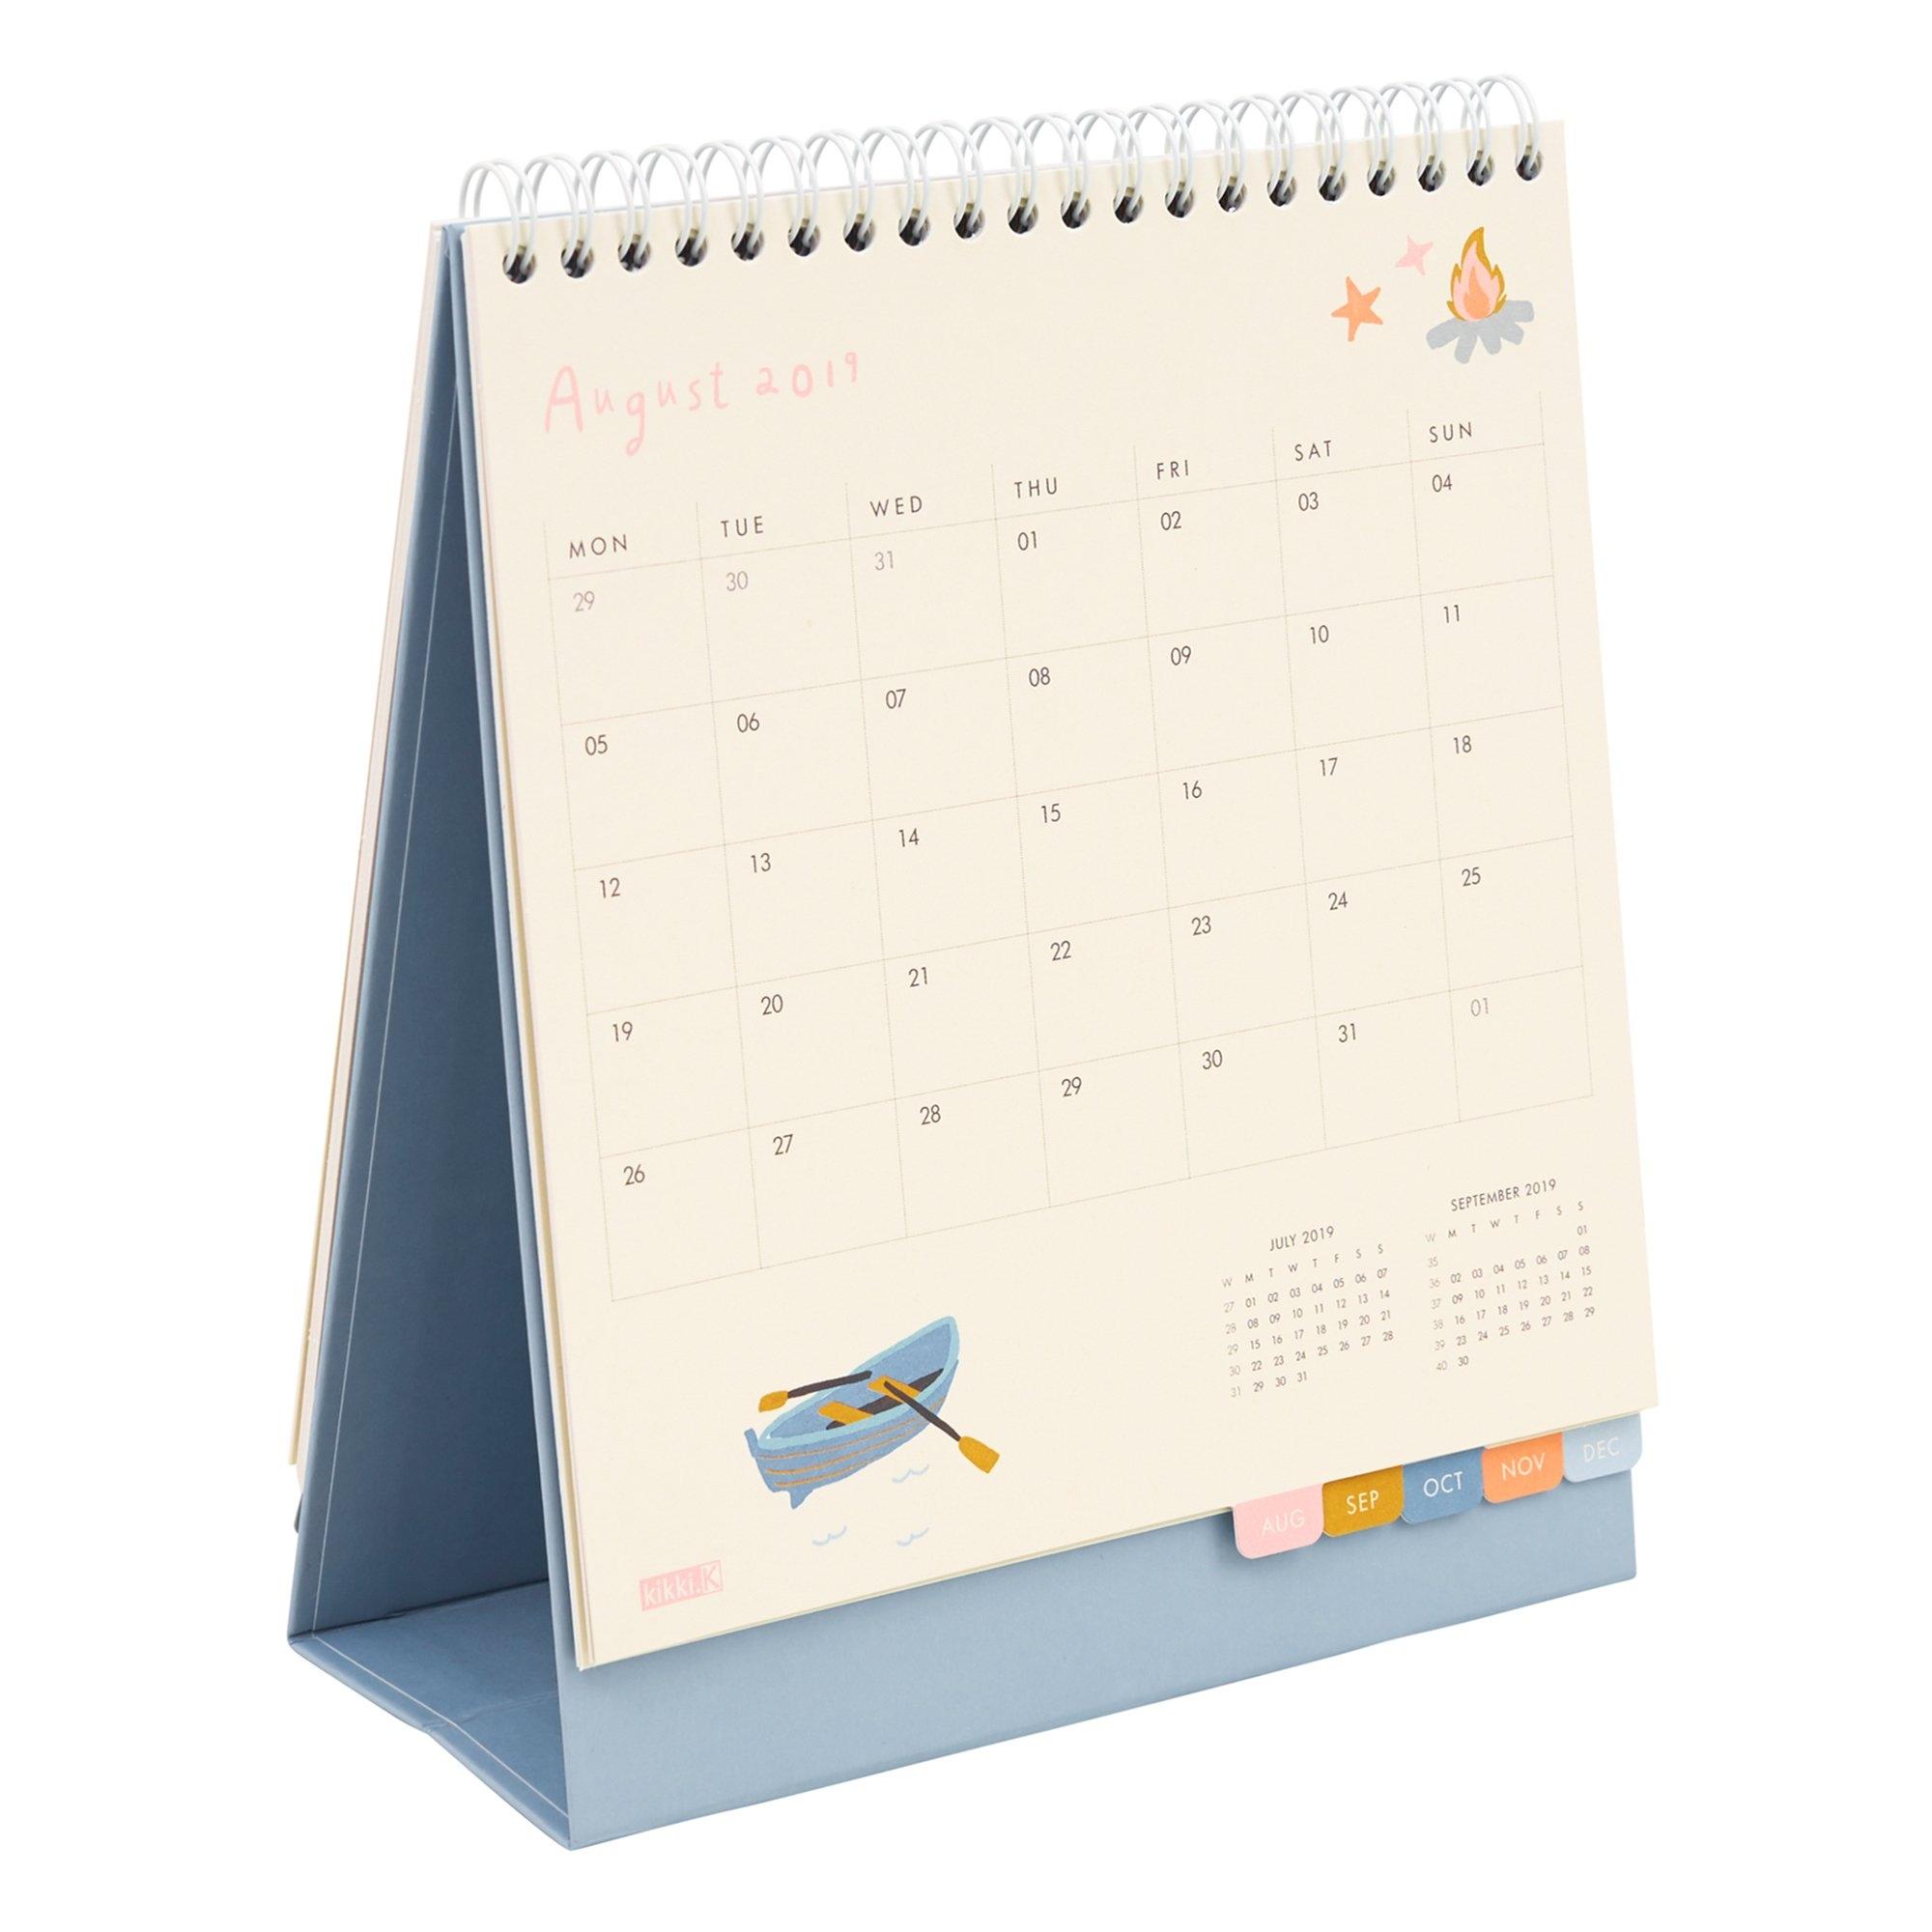 2019 Desk Calendar: Sweet | Calendars | Kikki.k Calendar 2019 Desktop